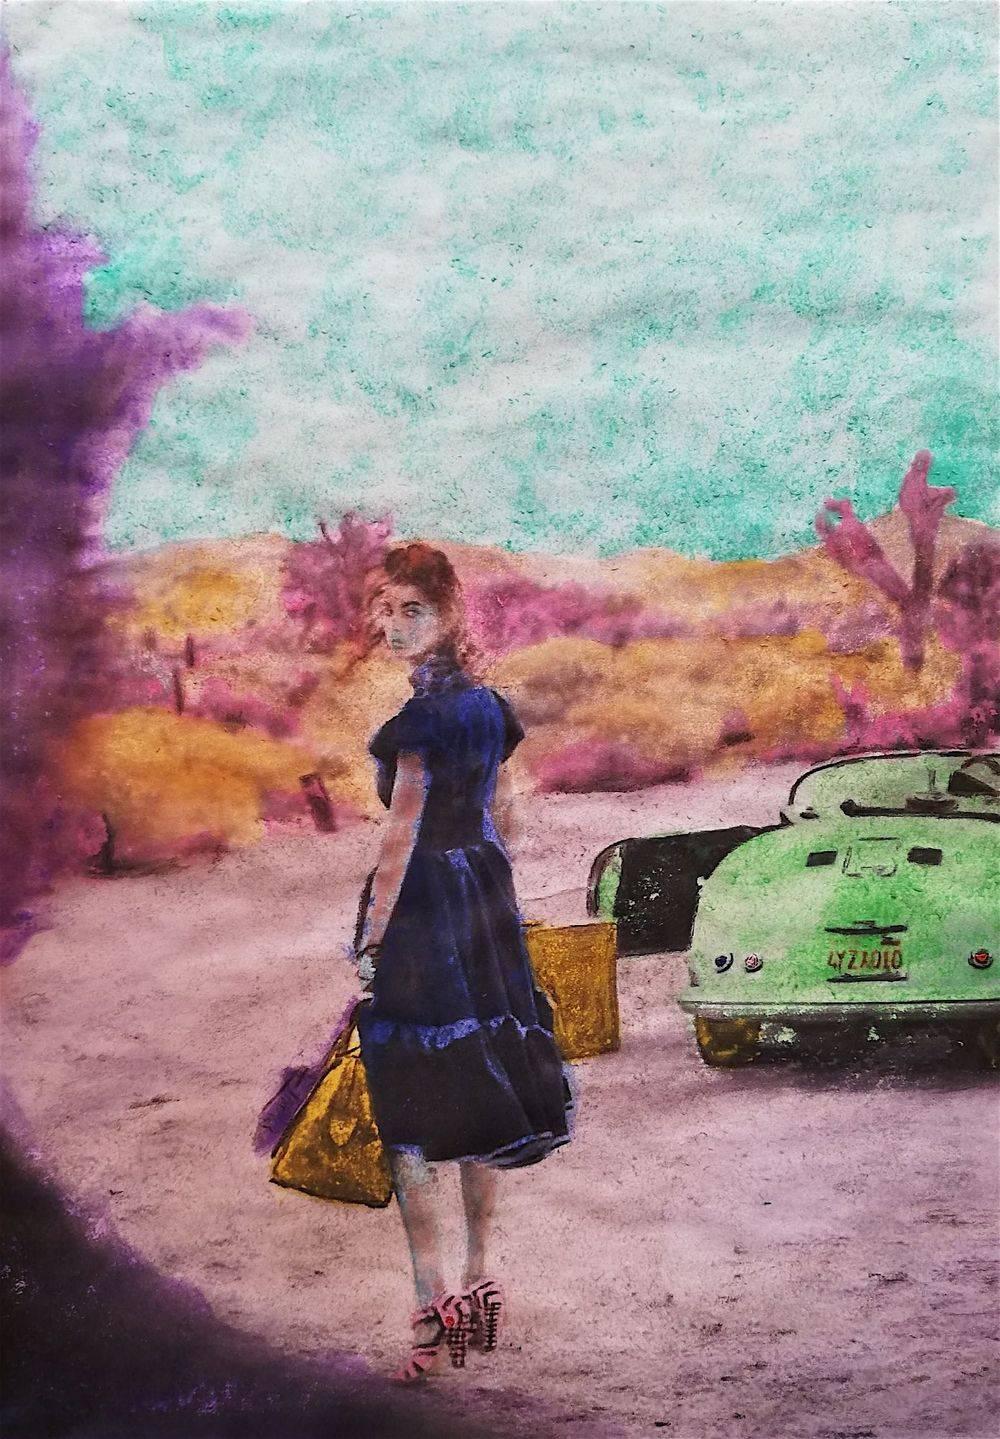 Aquarelle, Texture, Femme, Portrait, Histoire de l'art